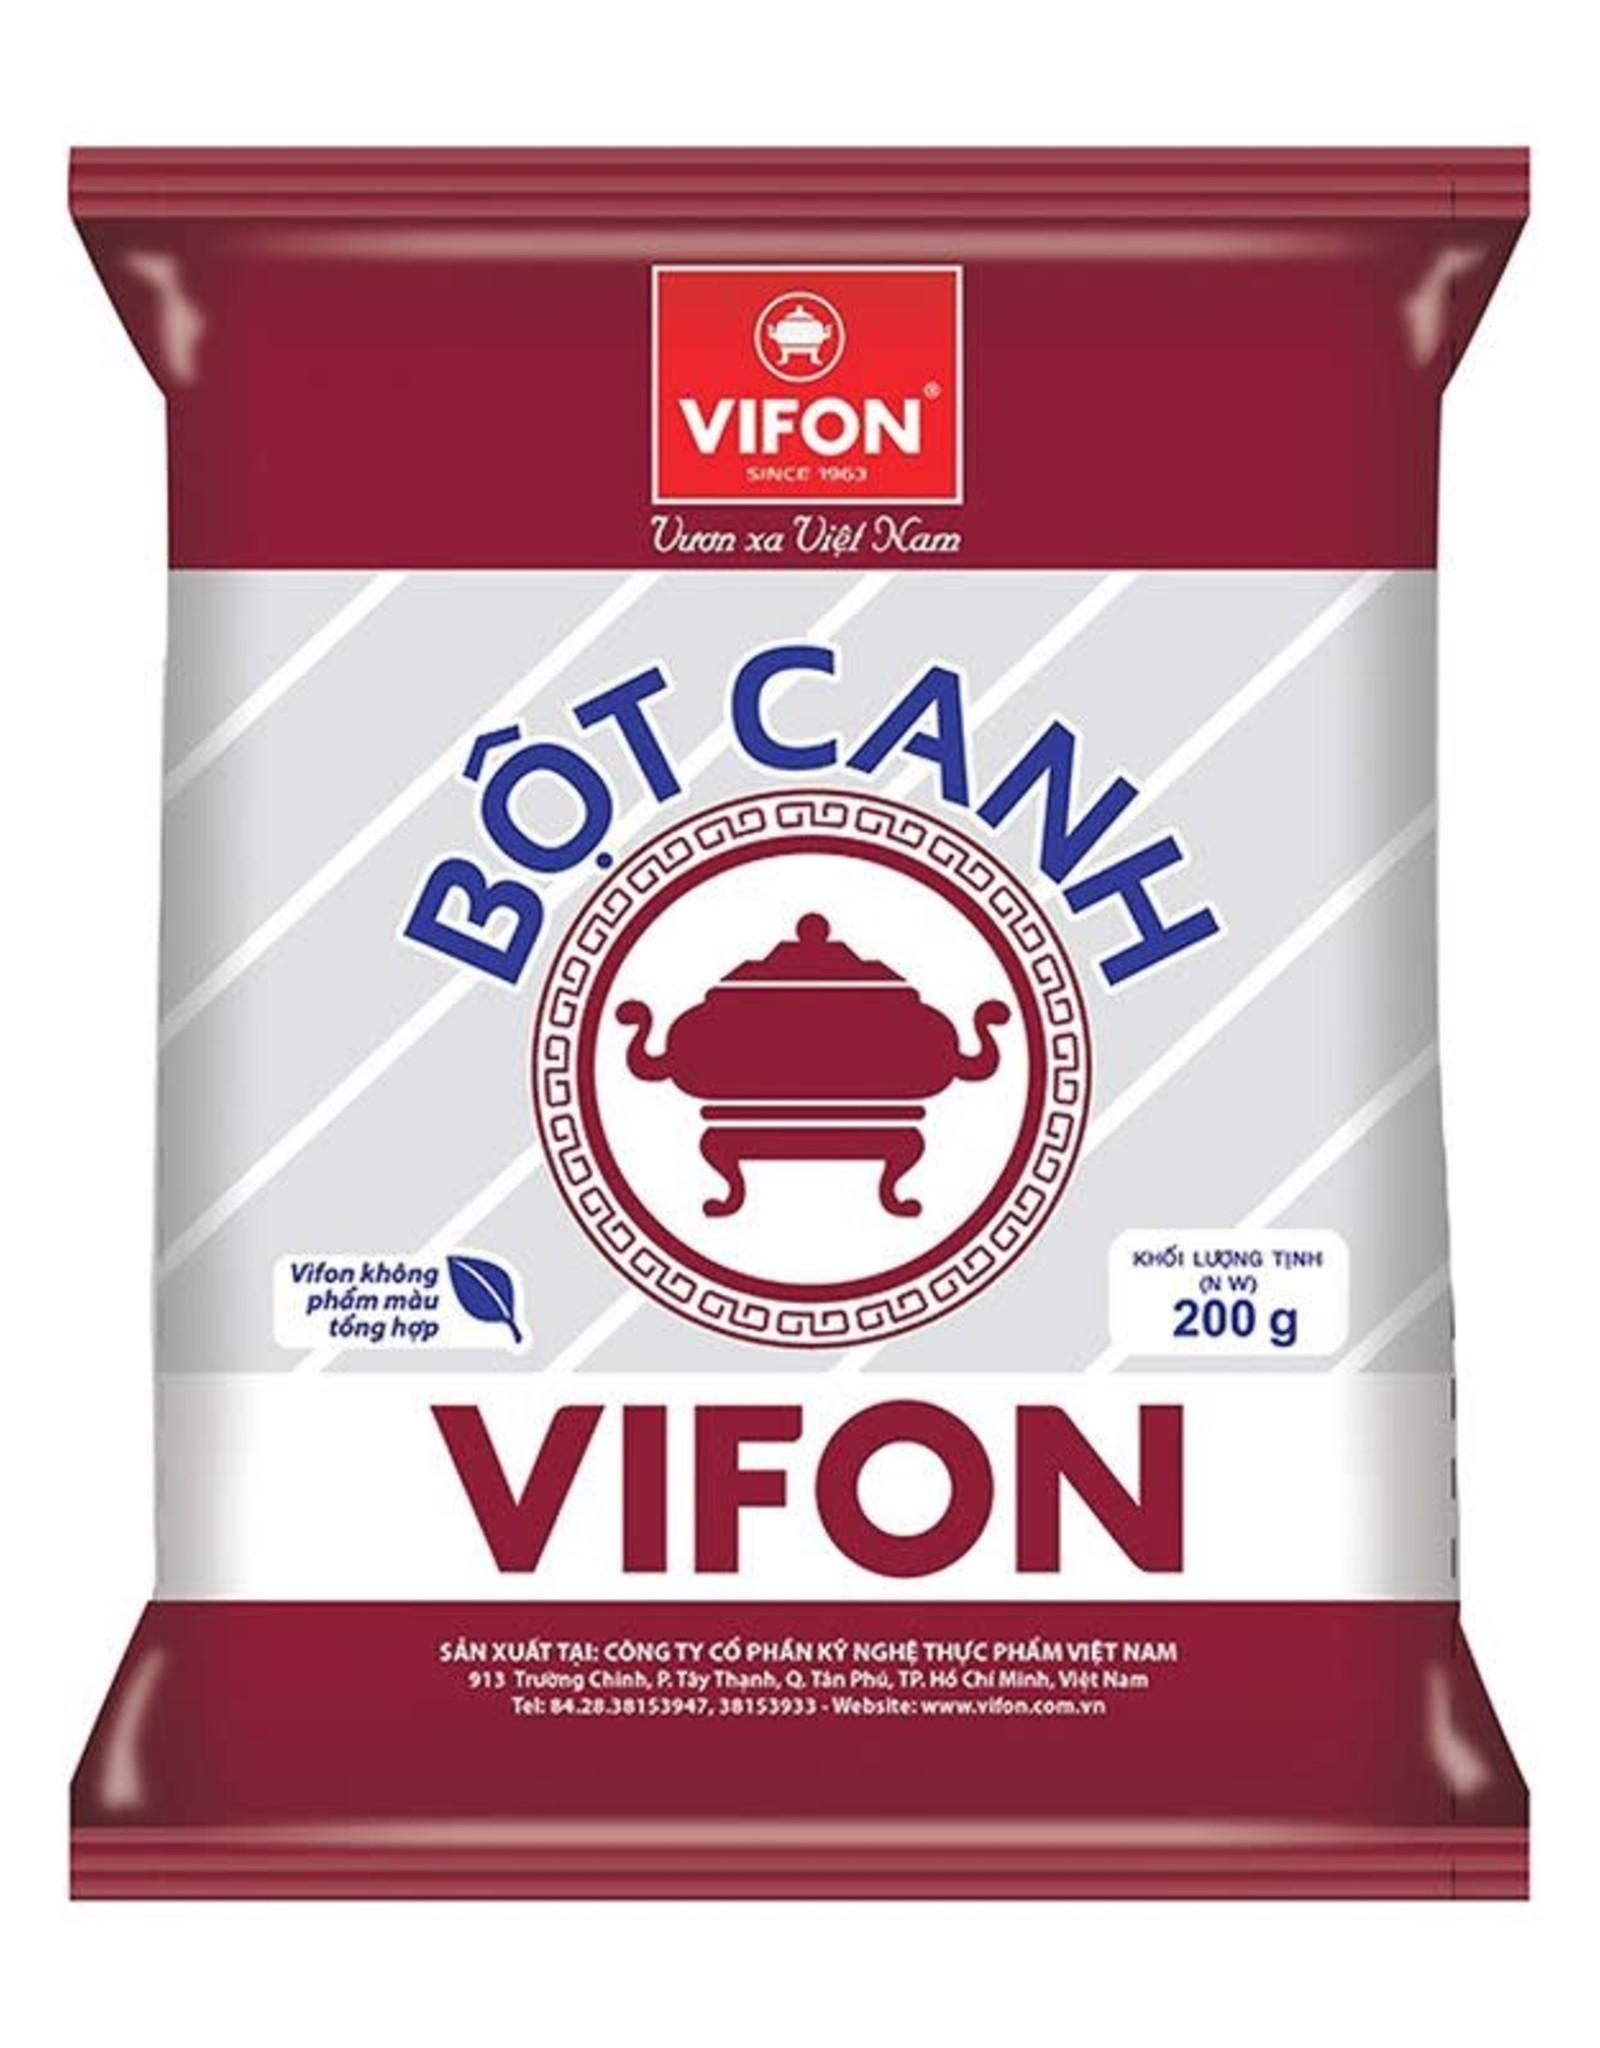 Vifon Bột Canh Vifon 200g